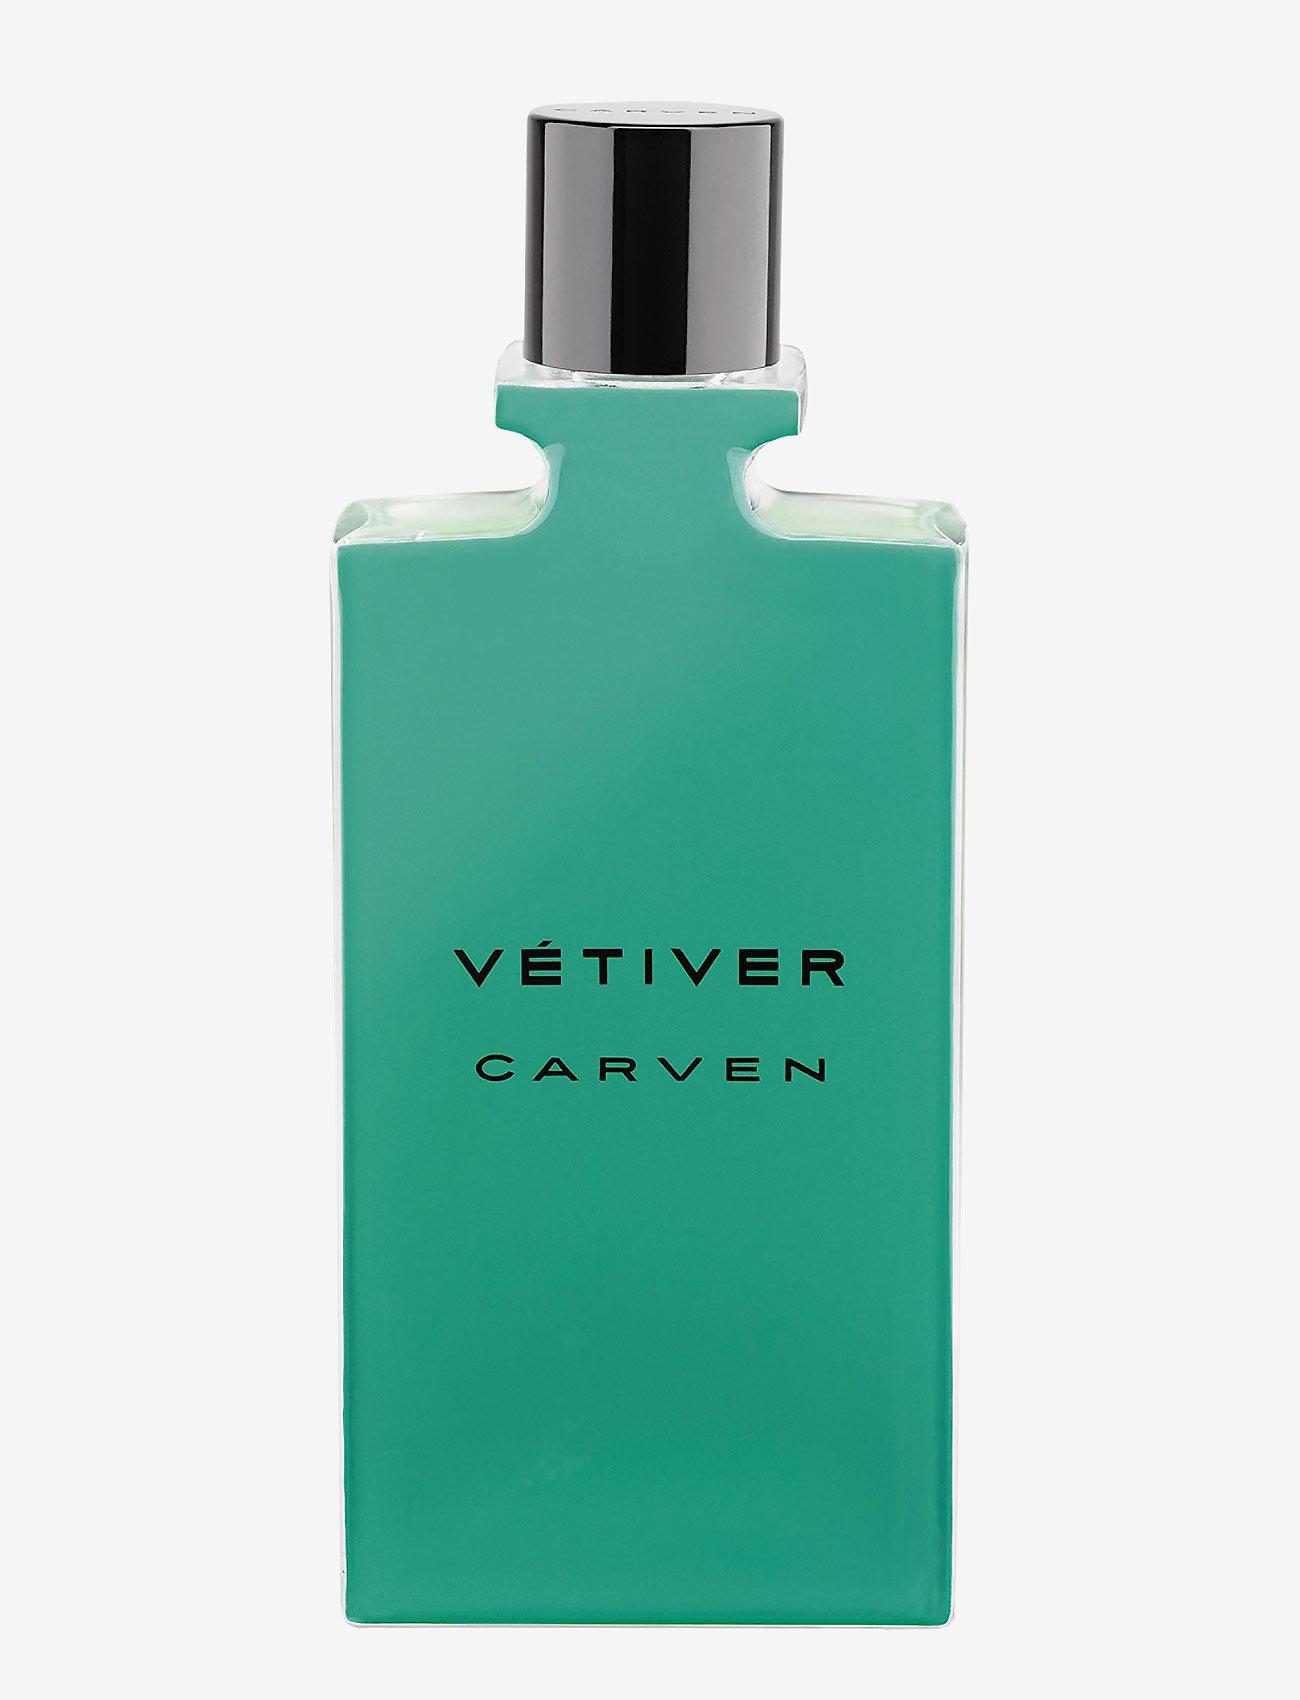 Carven - Vetiver EDT Spray 50mL - eau de toilette - clear